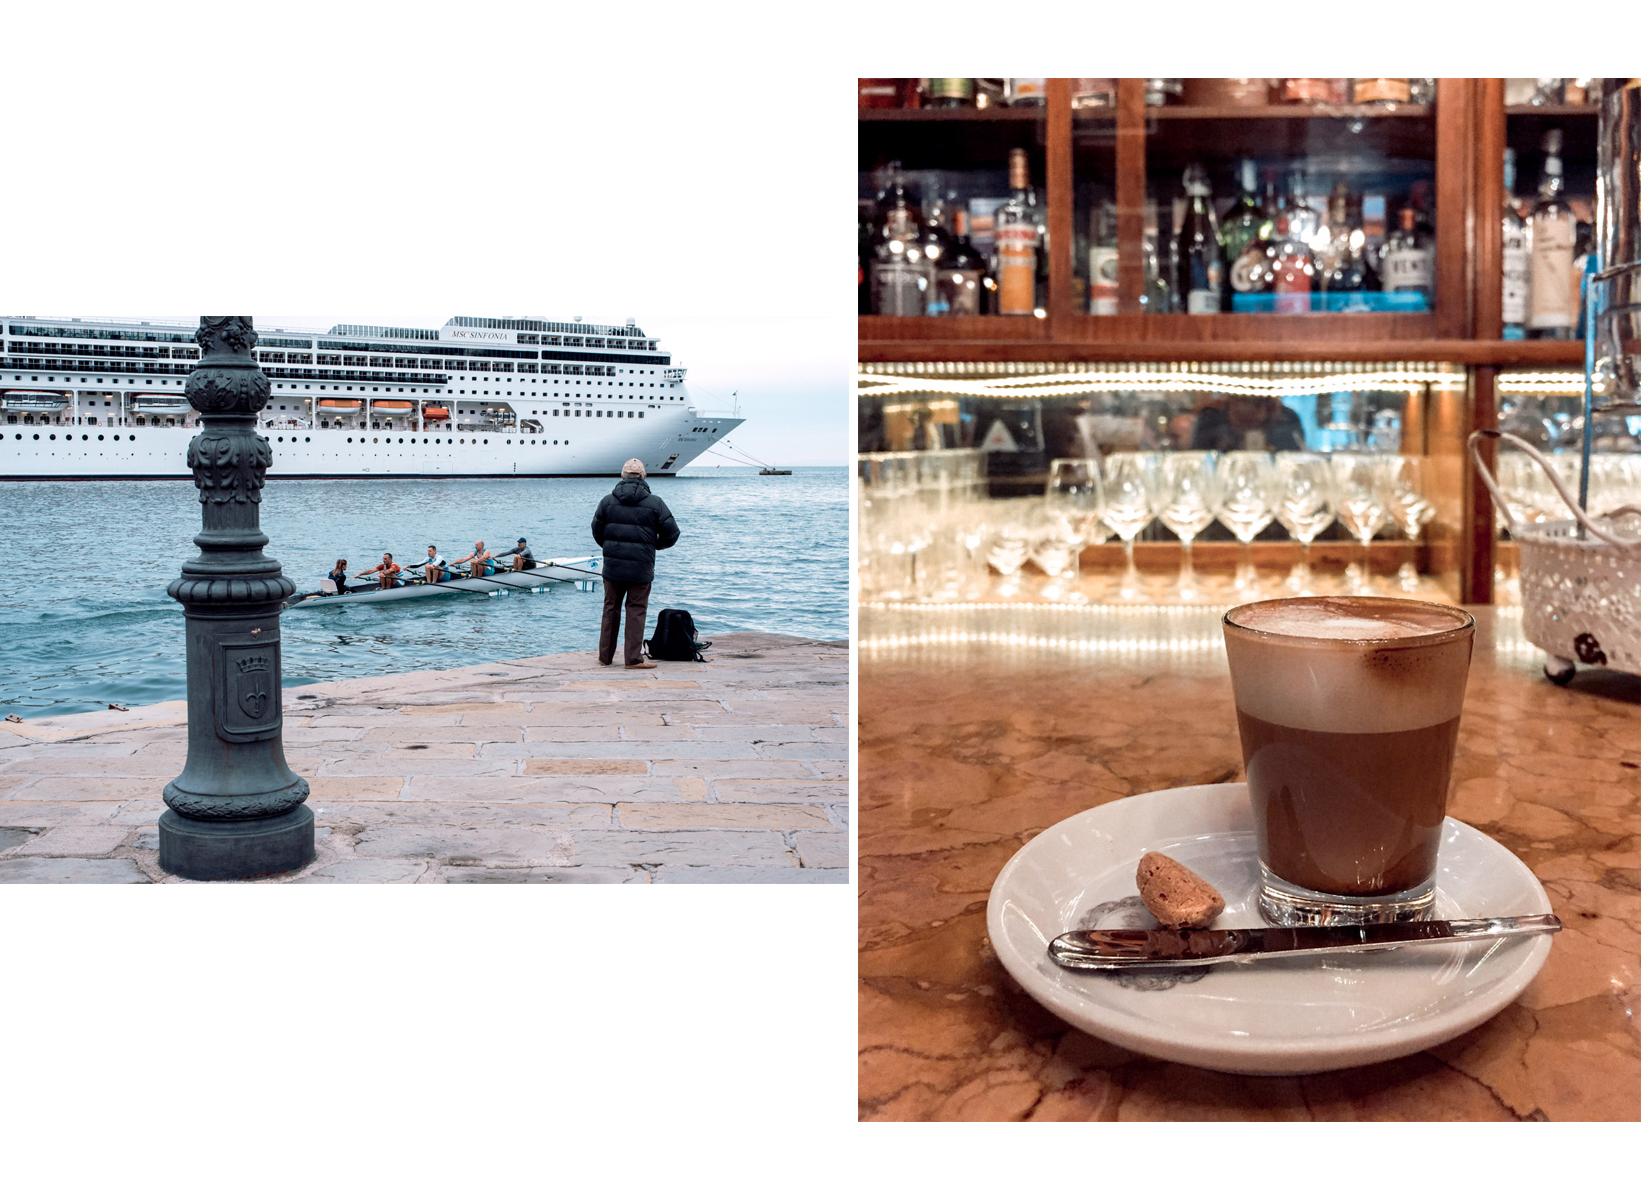 A cruise ship in the harbour of Trieste with a man fishing and a group of people in a canoe in Trieste and a coffee in a traditional old bar - Una nave da crociera nel porto di Trieste, un uomo che pesca e un gruppo di persone in canoa con un caffè in uno dei bar antichi di Trieste